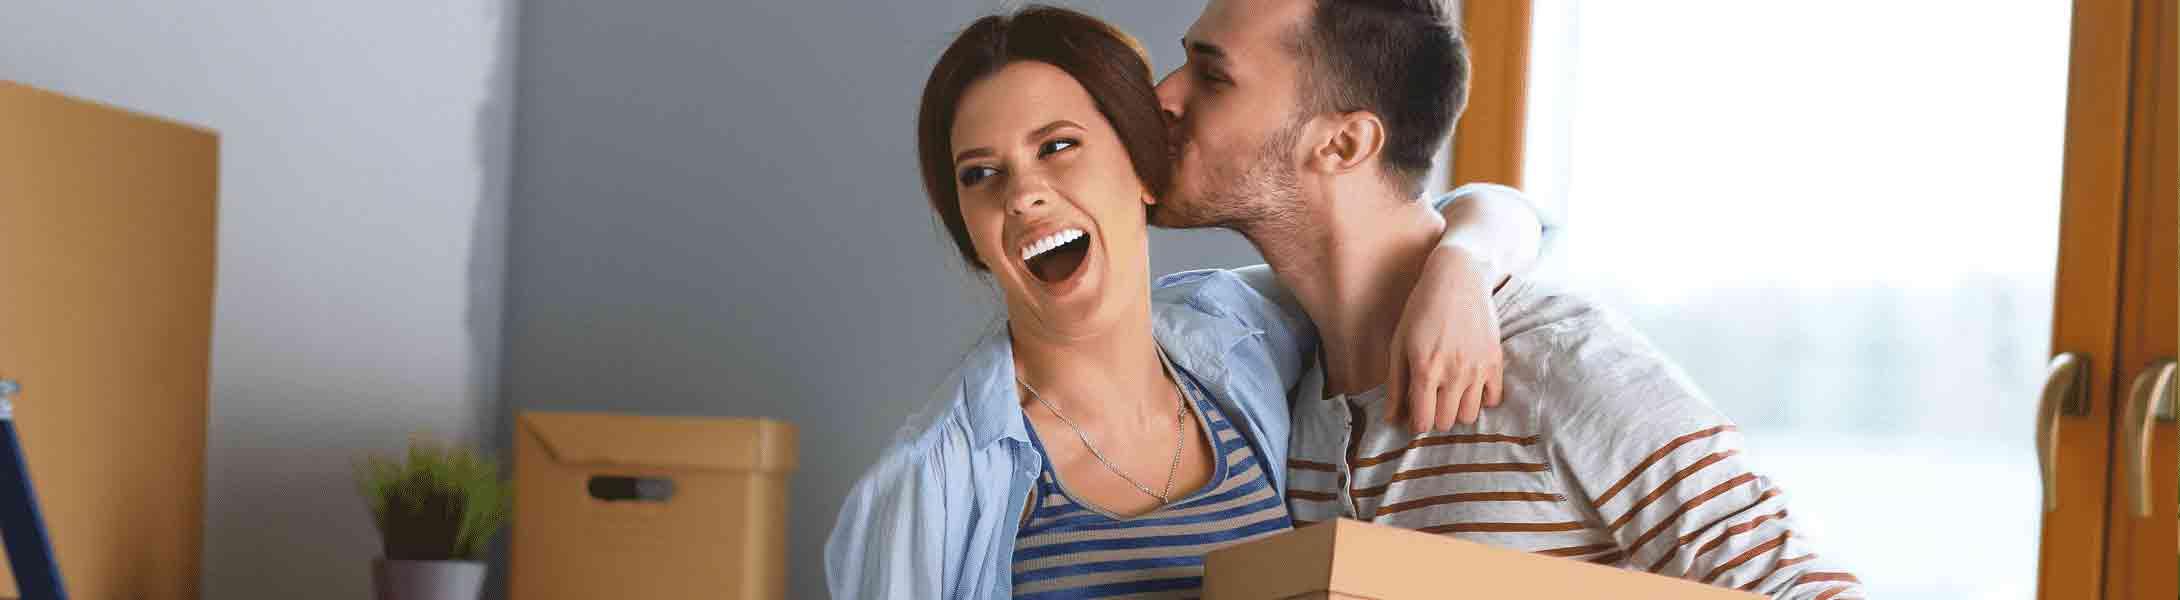 FinanciГ«le diensten dating